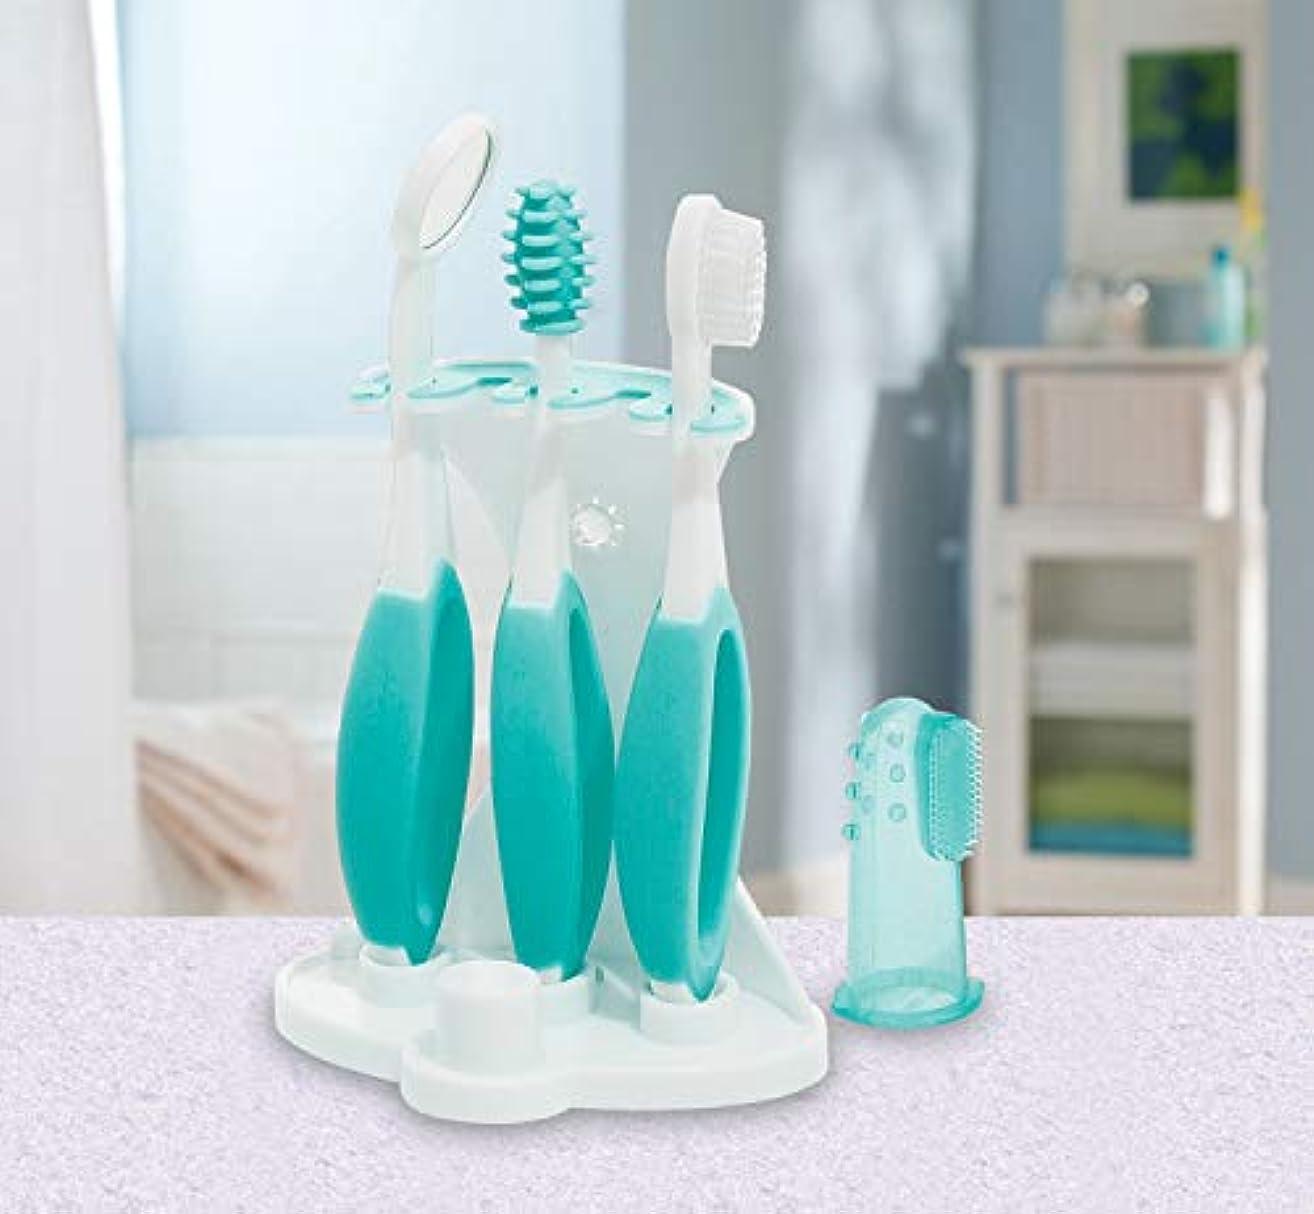 二悔い改め崇拝しますSummer Infant, Oral Care Kit, 5 Piece Kit